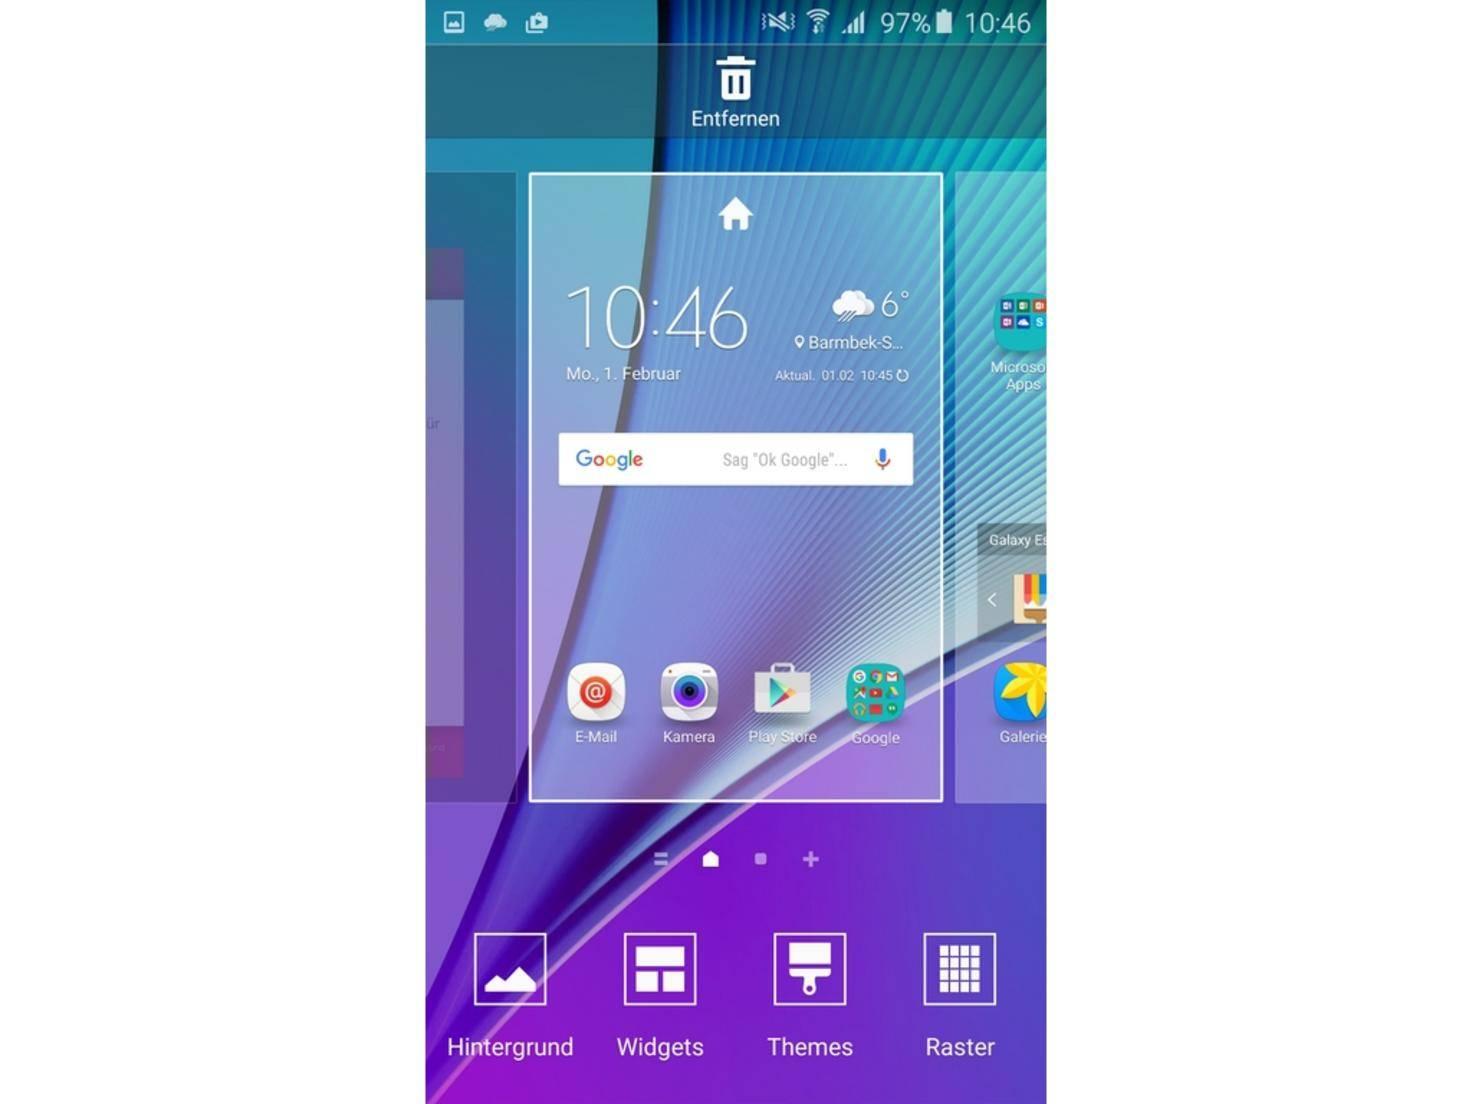 Samsung A3 Bilder Auf Sd Karte Verschieben.13 Praktische Tipps Fürs Samsung Galaxy A3 Und Galaxy A5